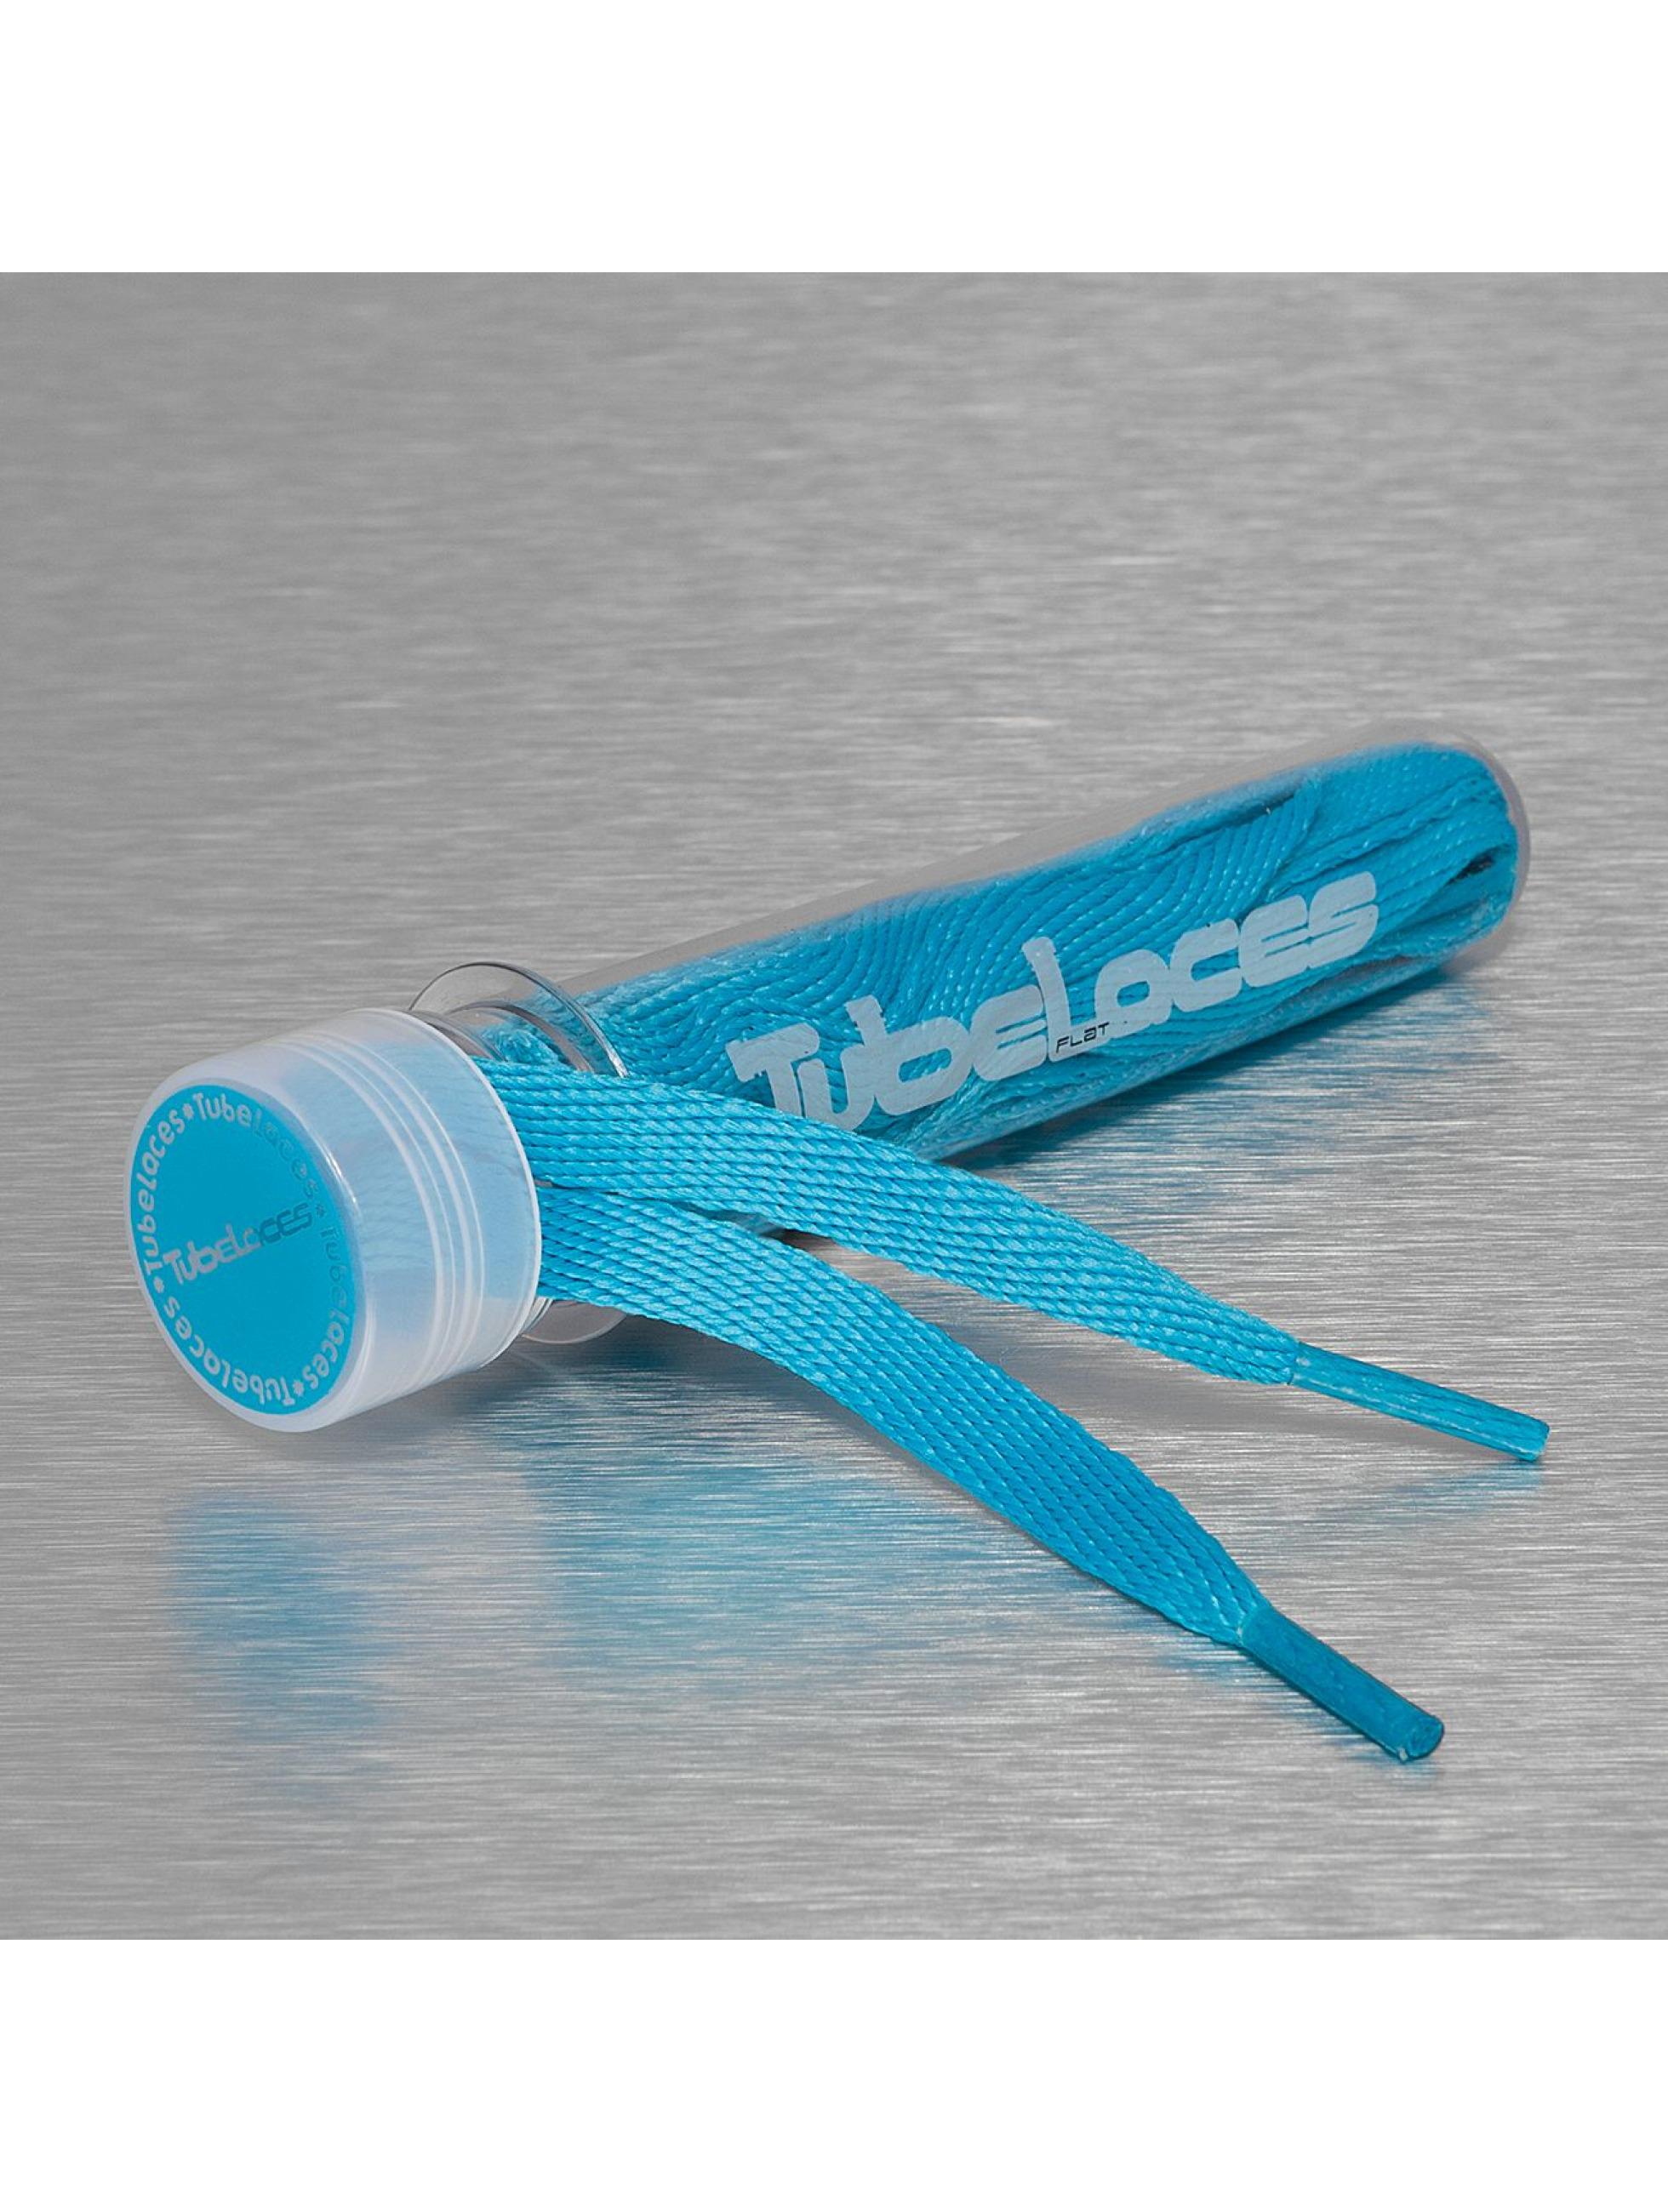 Tubelaces Schuhzubehör Flat Laces 140cm blau